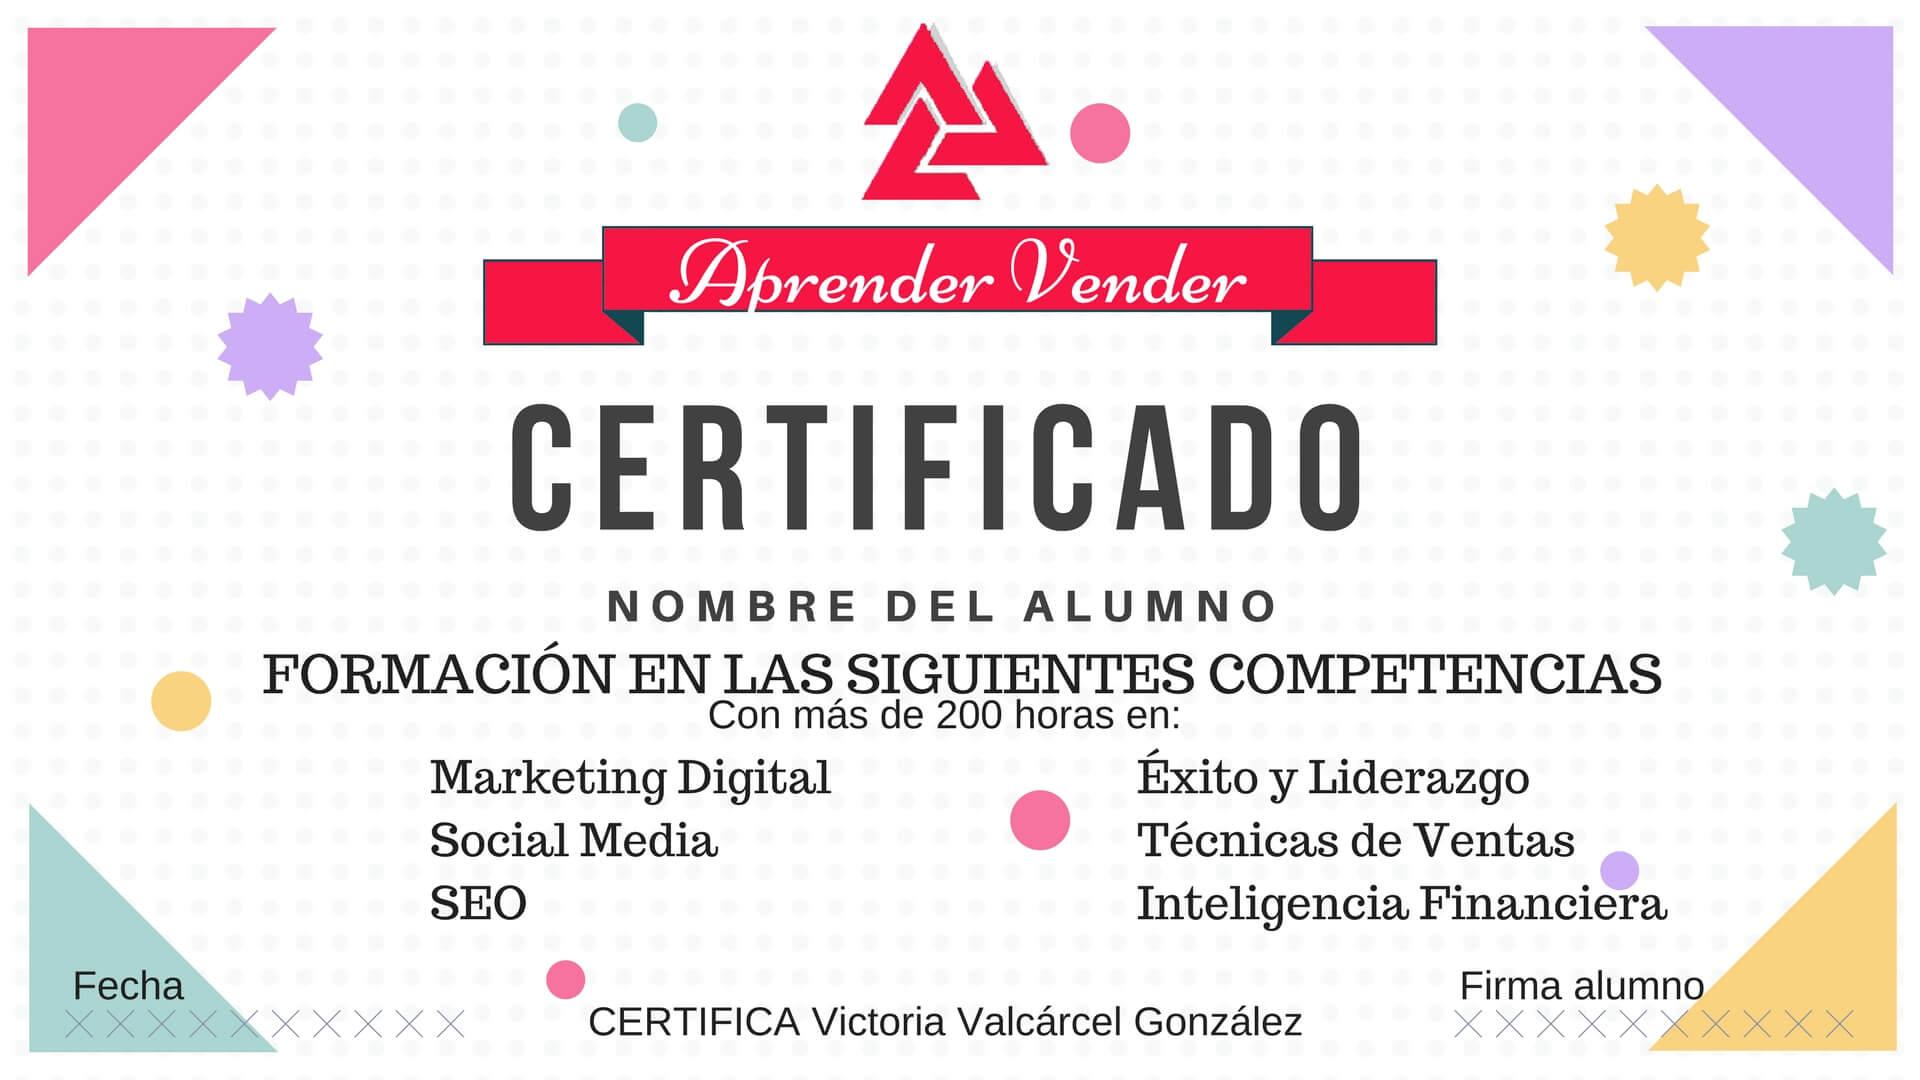 CERTIFICADO formación aprendervender.com.es